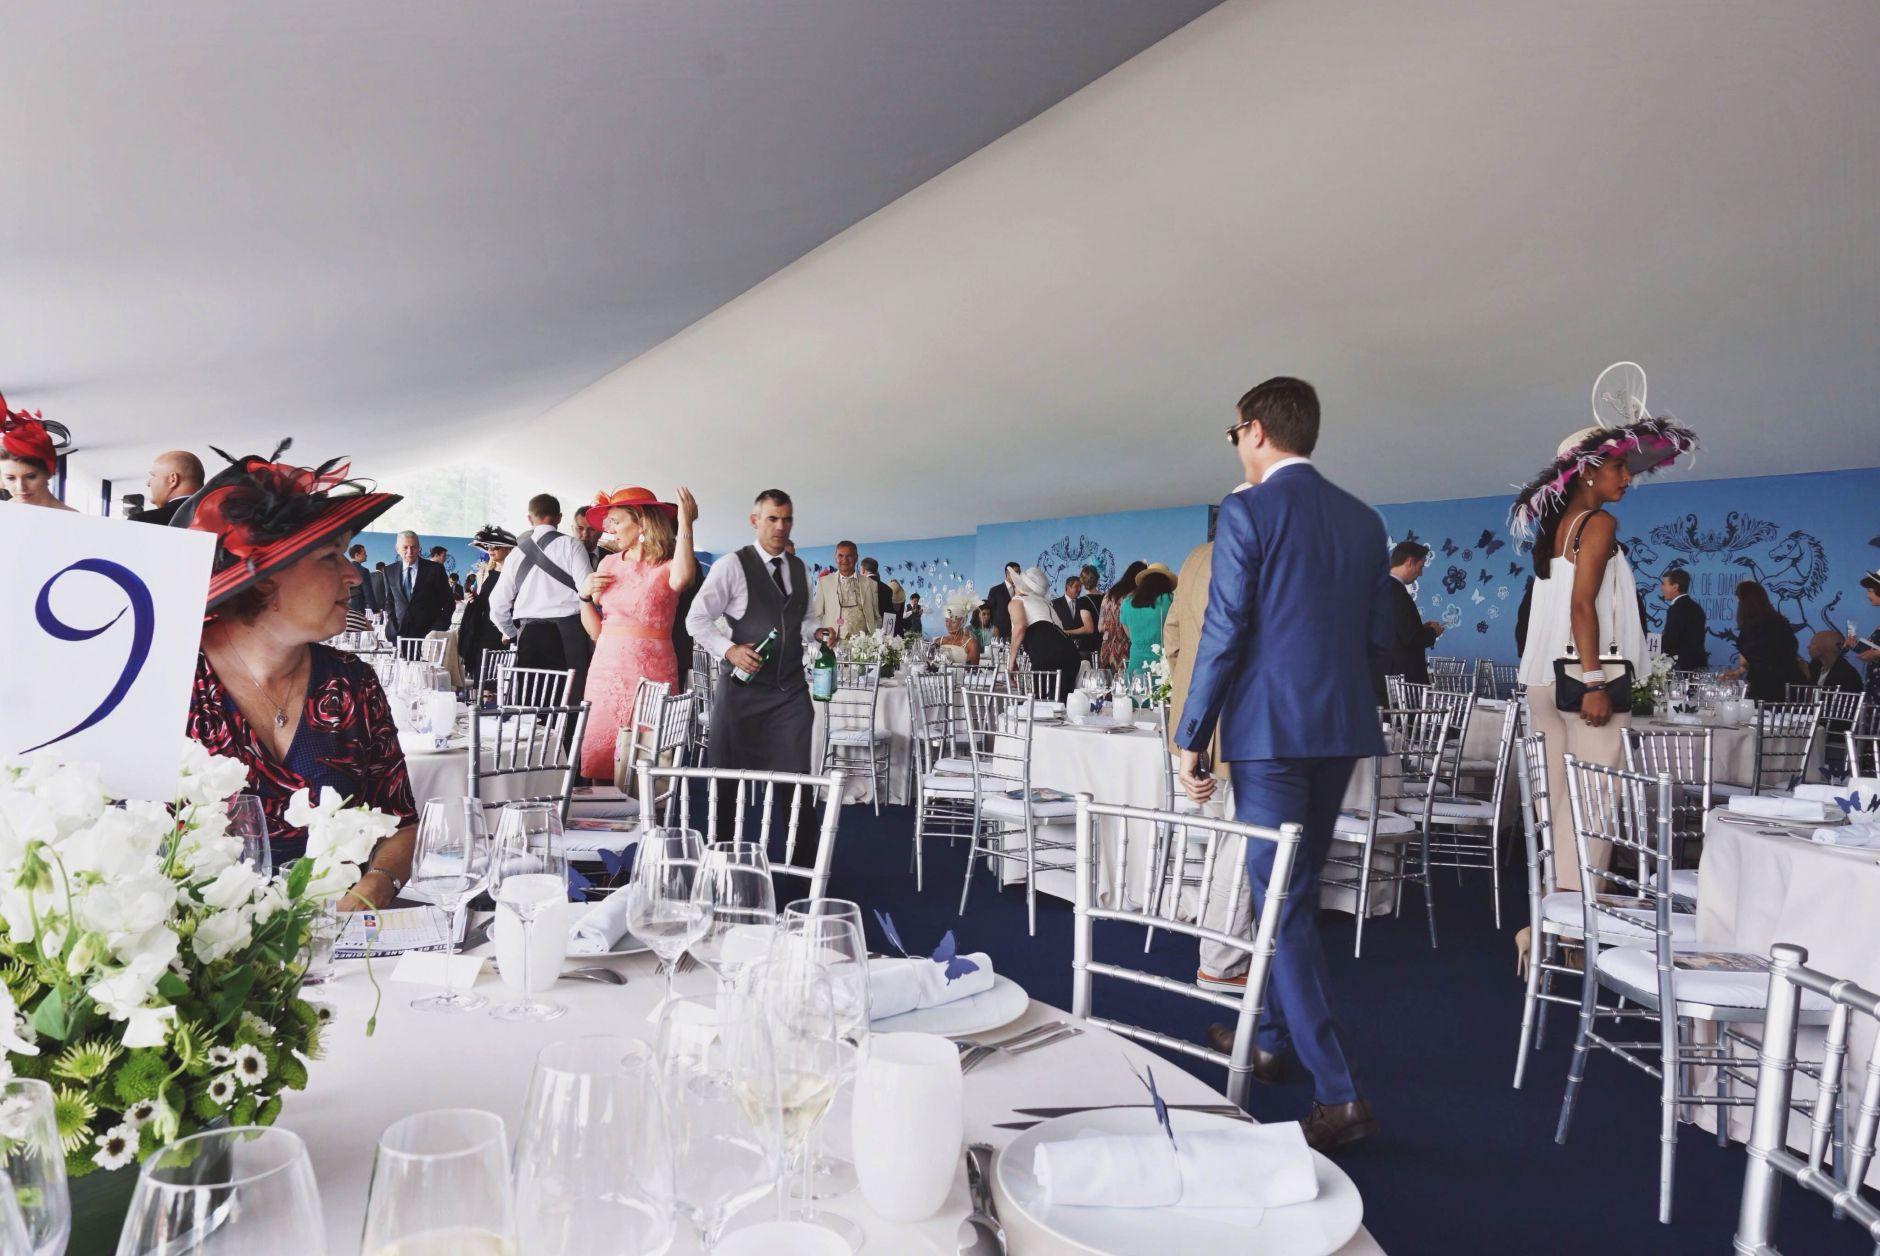 13-Prix-de-Diane-Longines-2015-Disi-Couture-France-Galop-Chantilly-Racecourse-Horse-Race